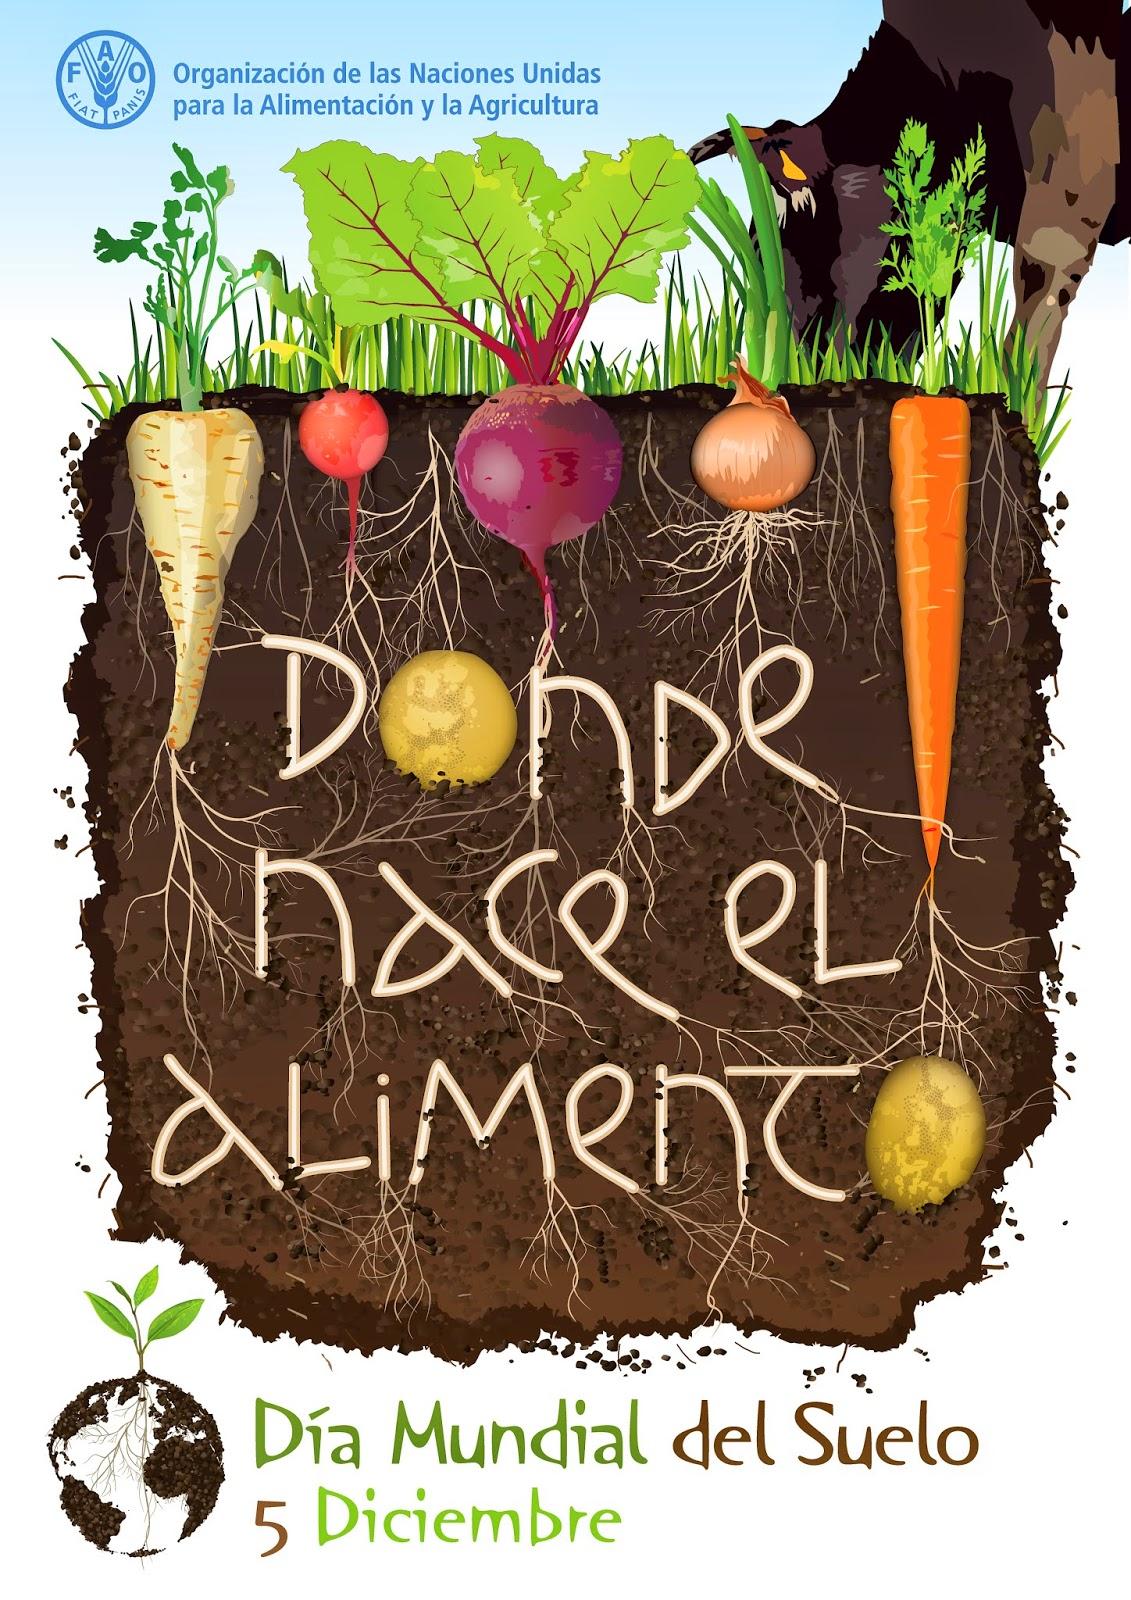 Poster oficial Día Mundial del Suelo. El cinco de diciembre se celebra el día mundial del suelo